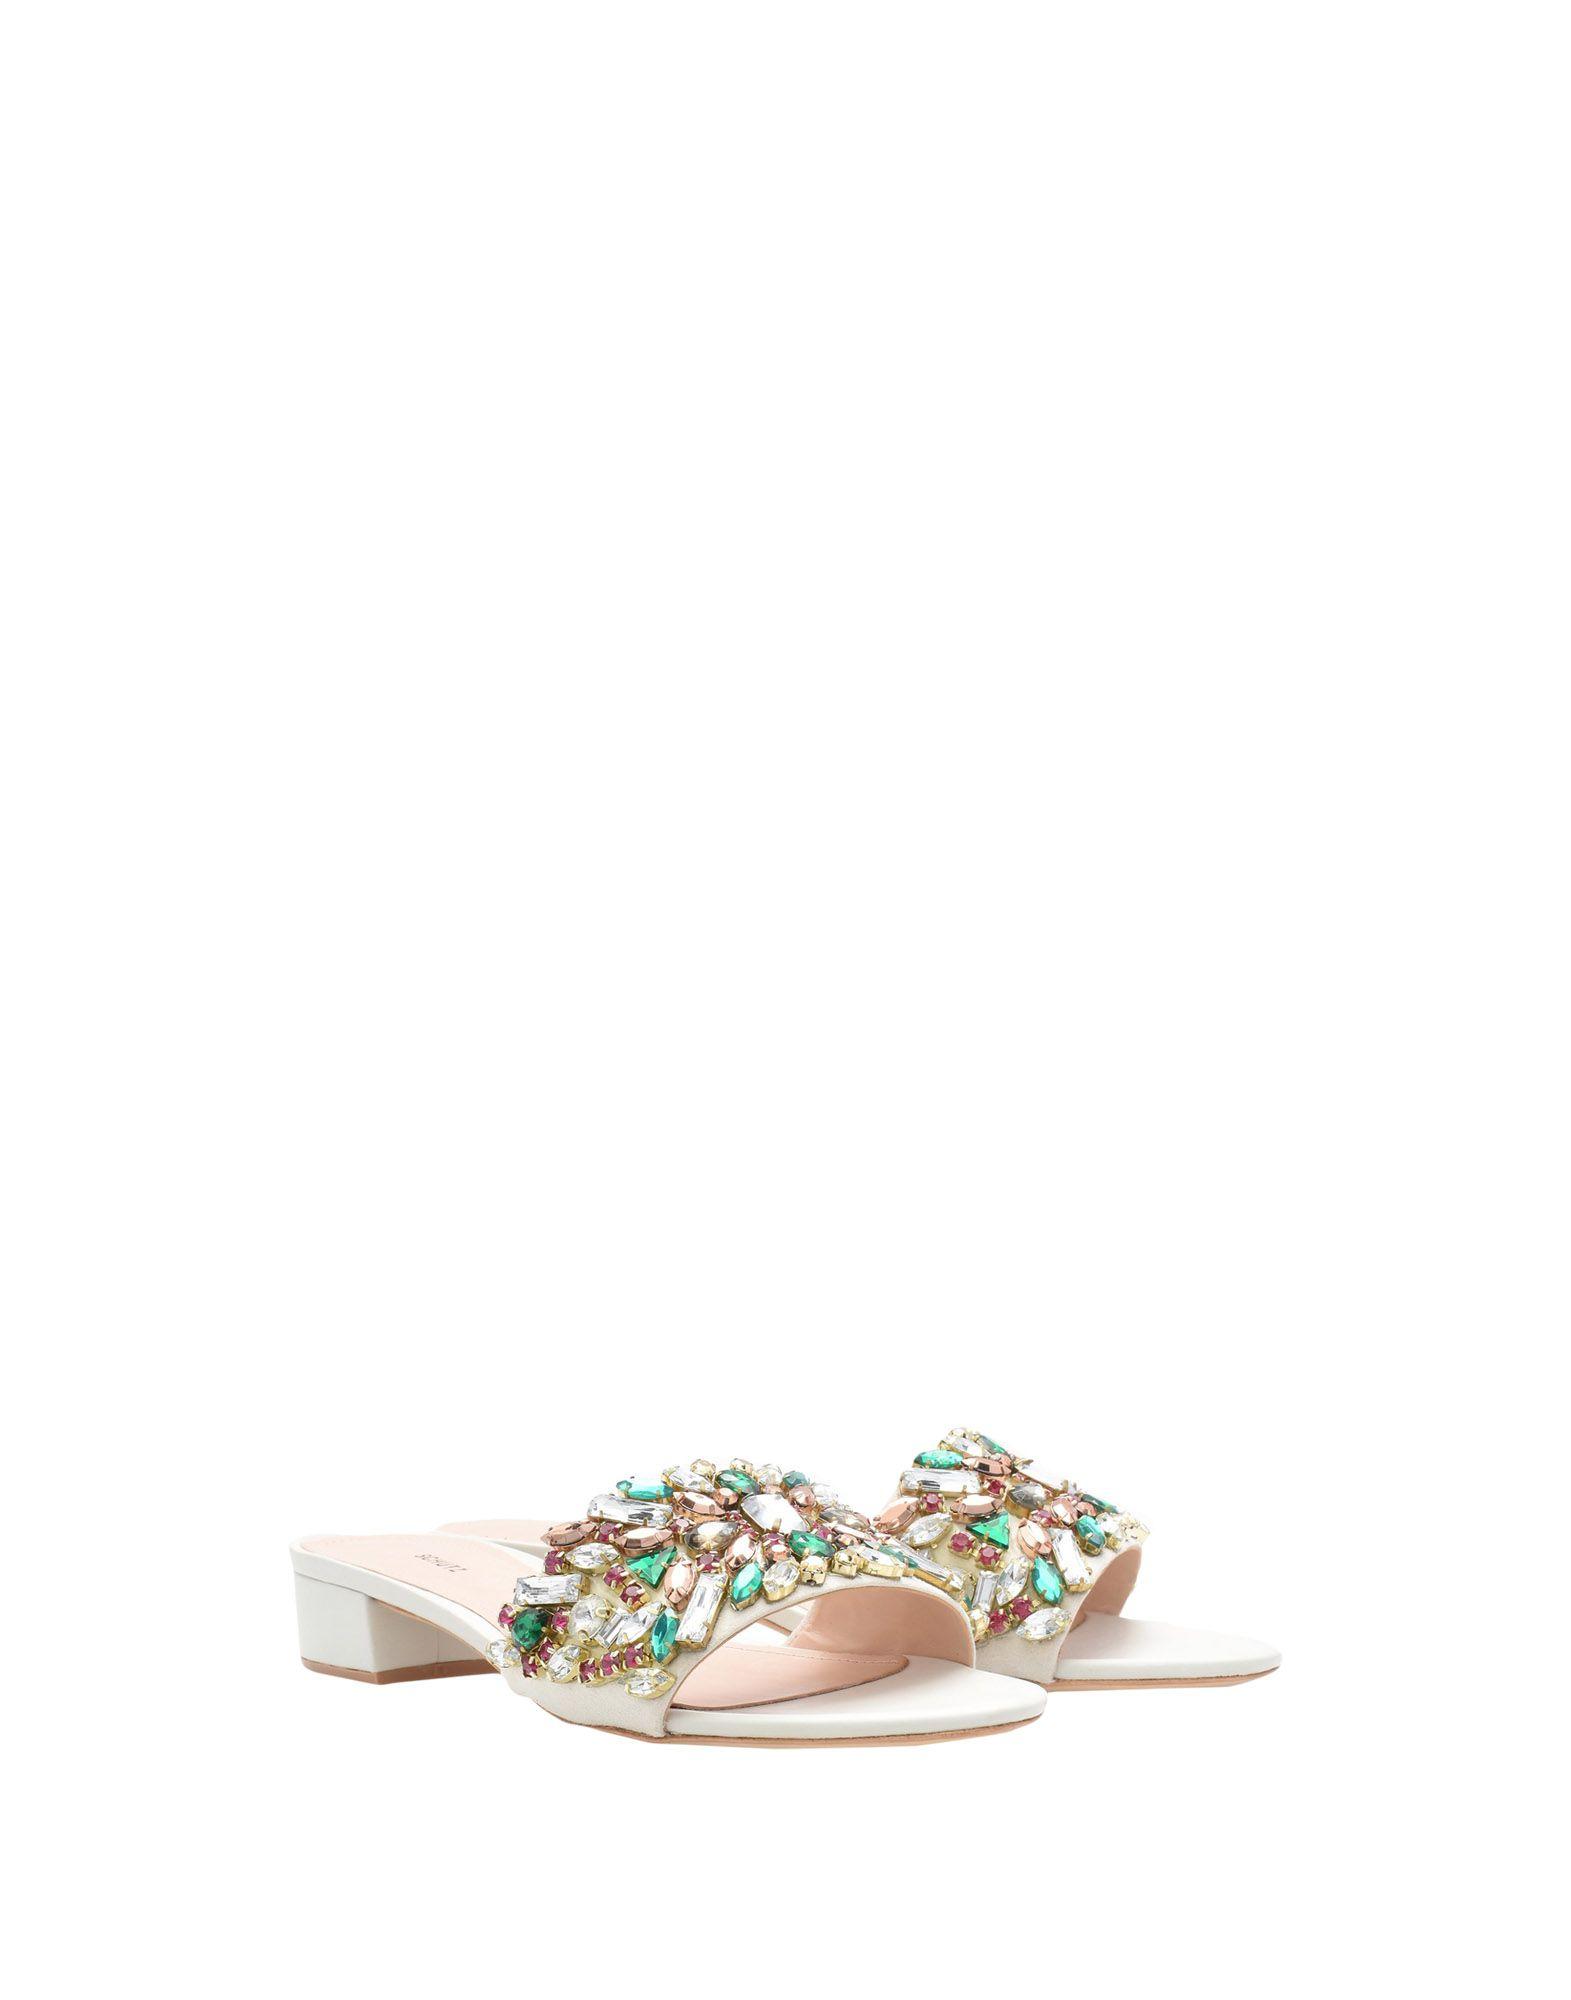 Schutz  Sandalen Damen  Schutz 11482107IC Heiße Schuhe 7aabe6